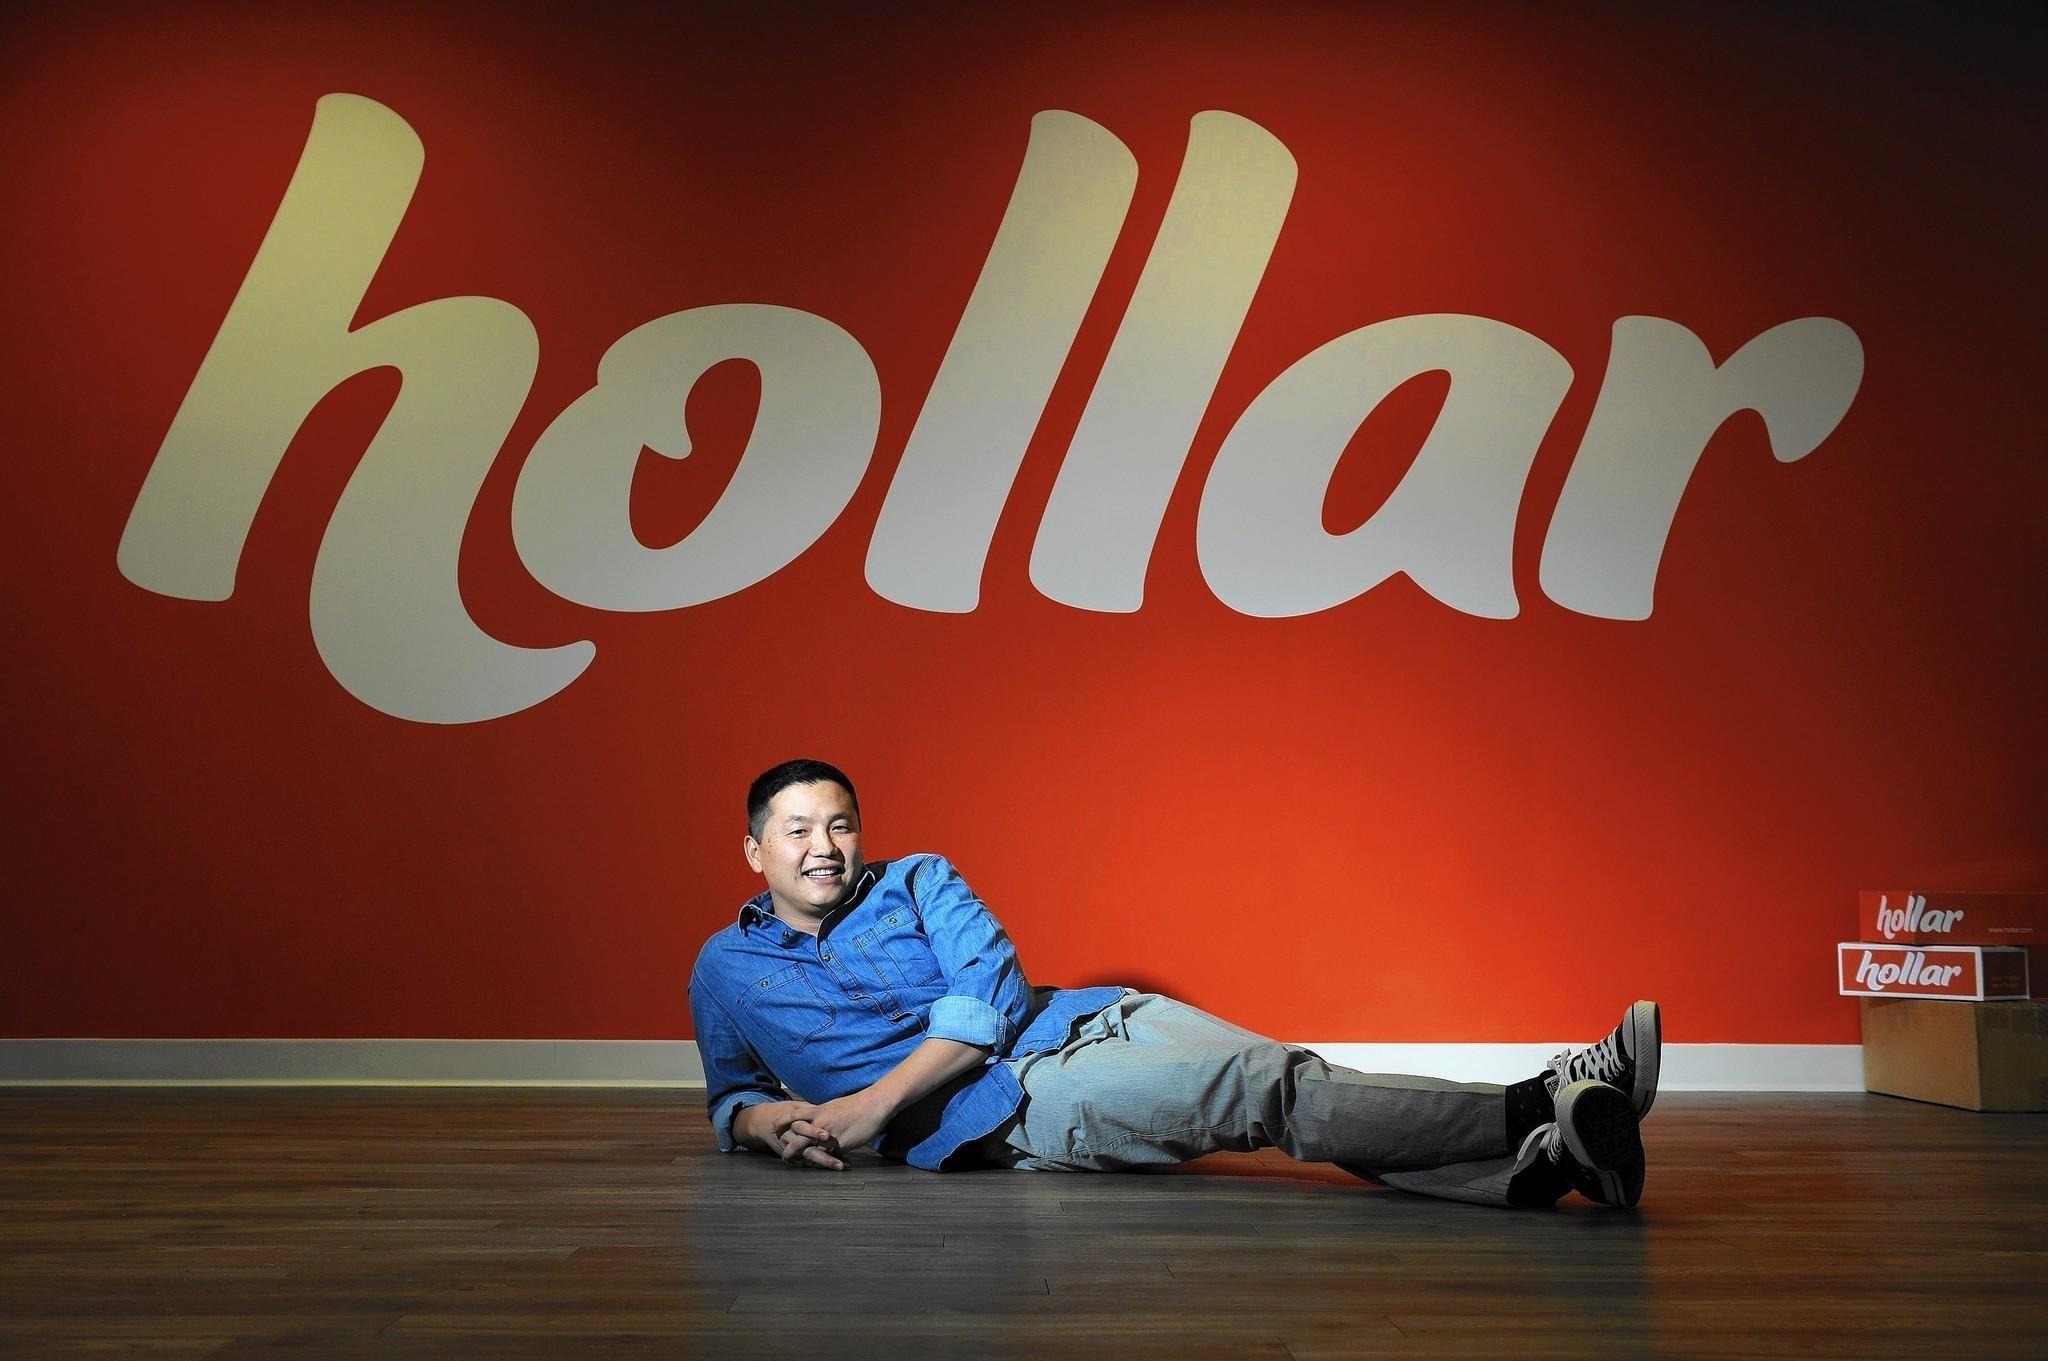 便宜也有好貨!「1元電商」Hollar抓住消費者心理,全美用戶突破8000萬人